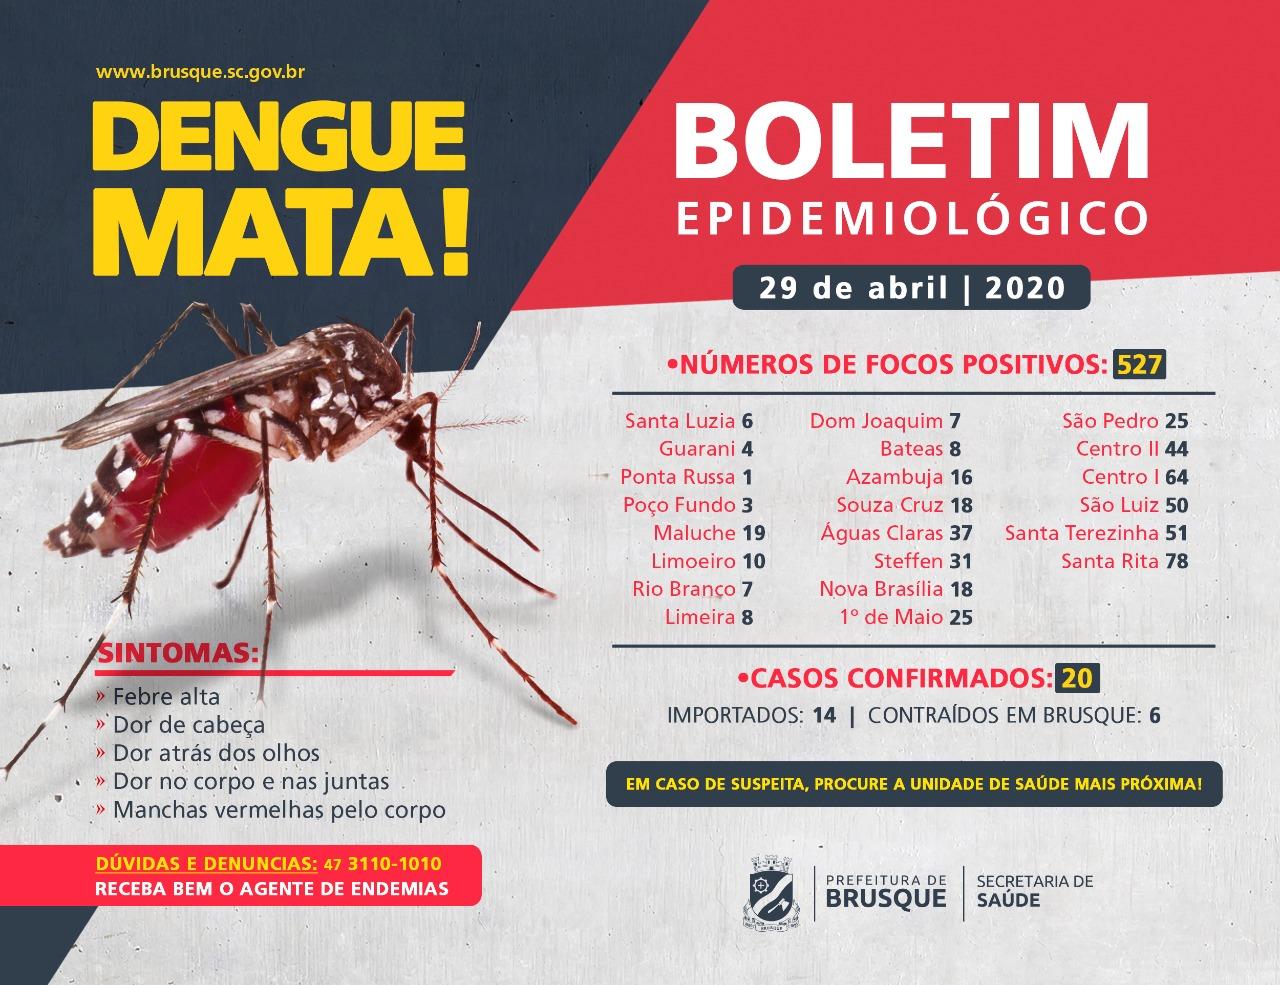 Brusque possui 20 casos confirmados de dengue